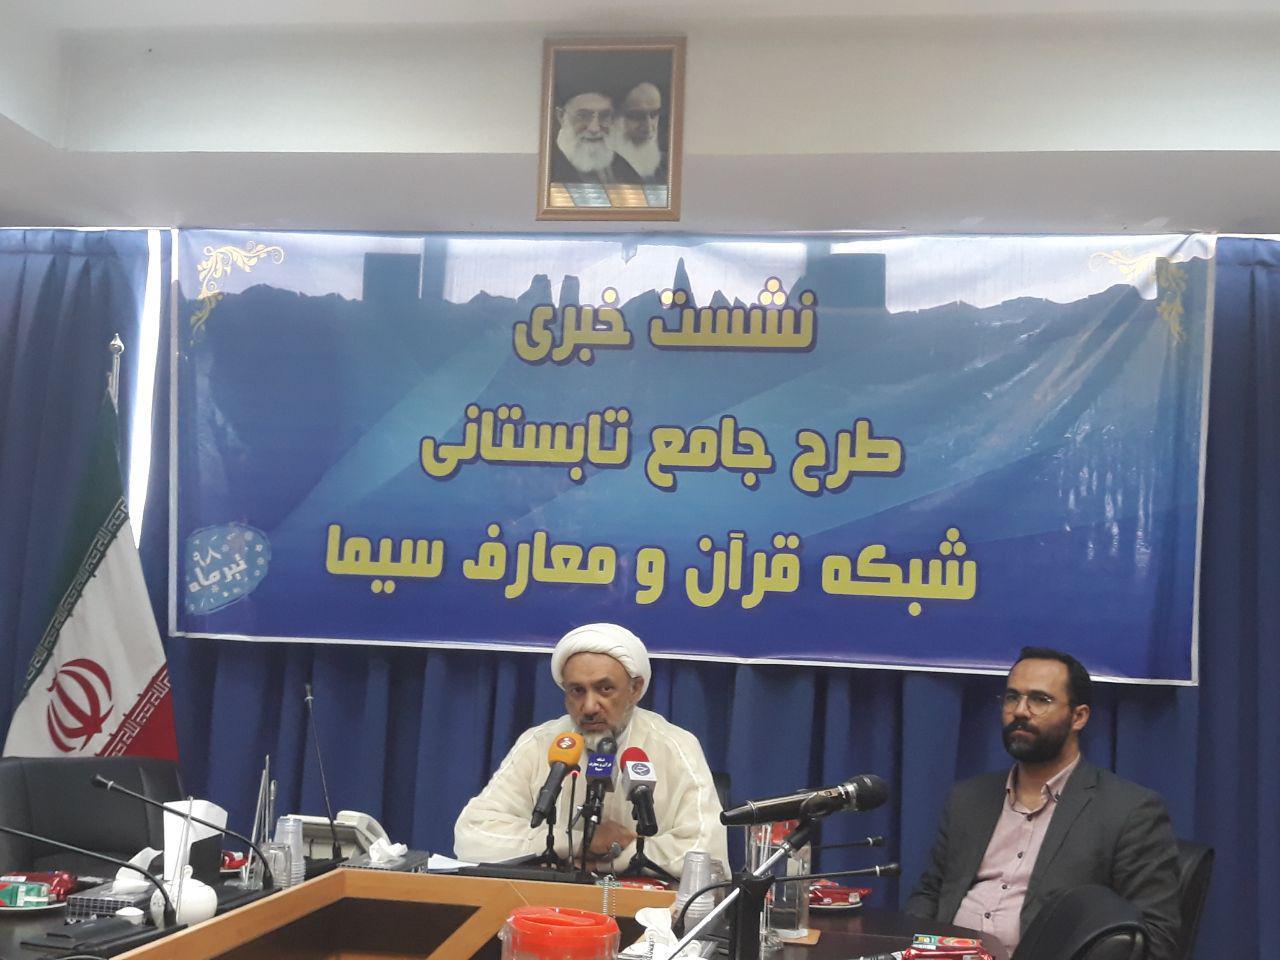 طرح جامع تابستانی شبکه قرآن و معارف سیما تشریح شد